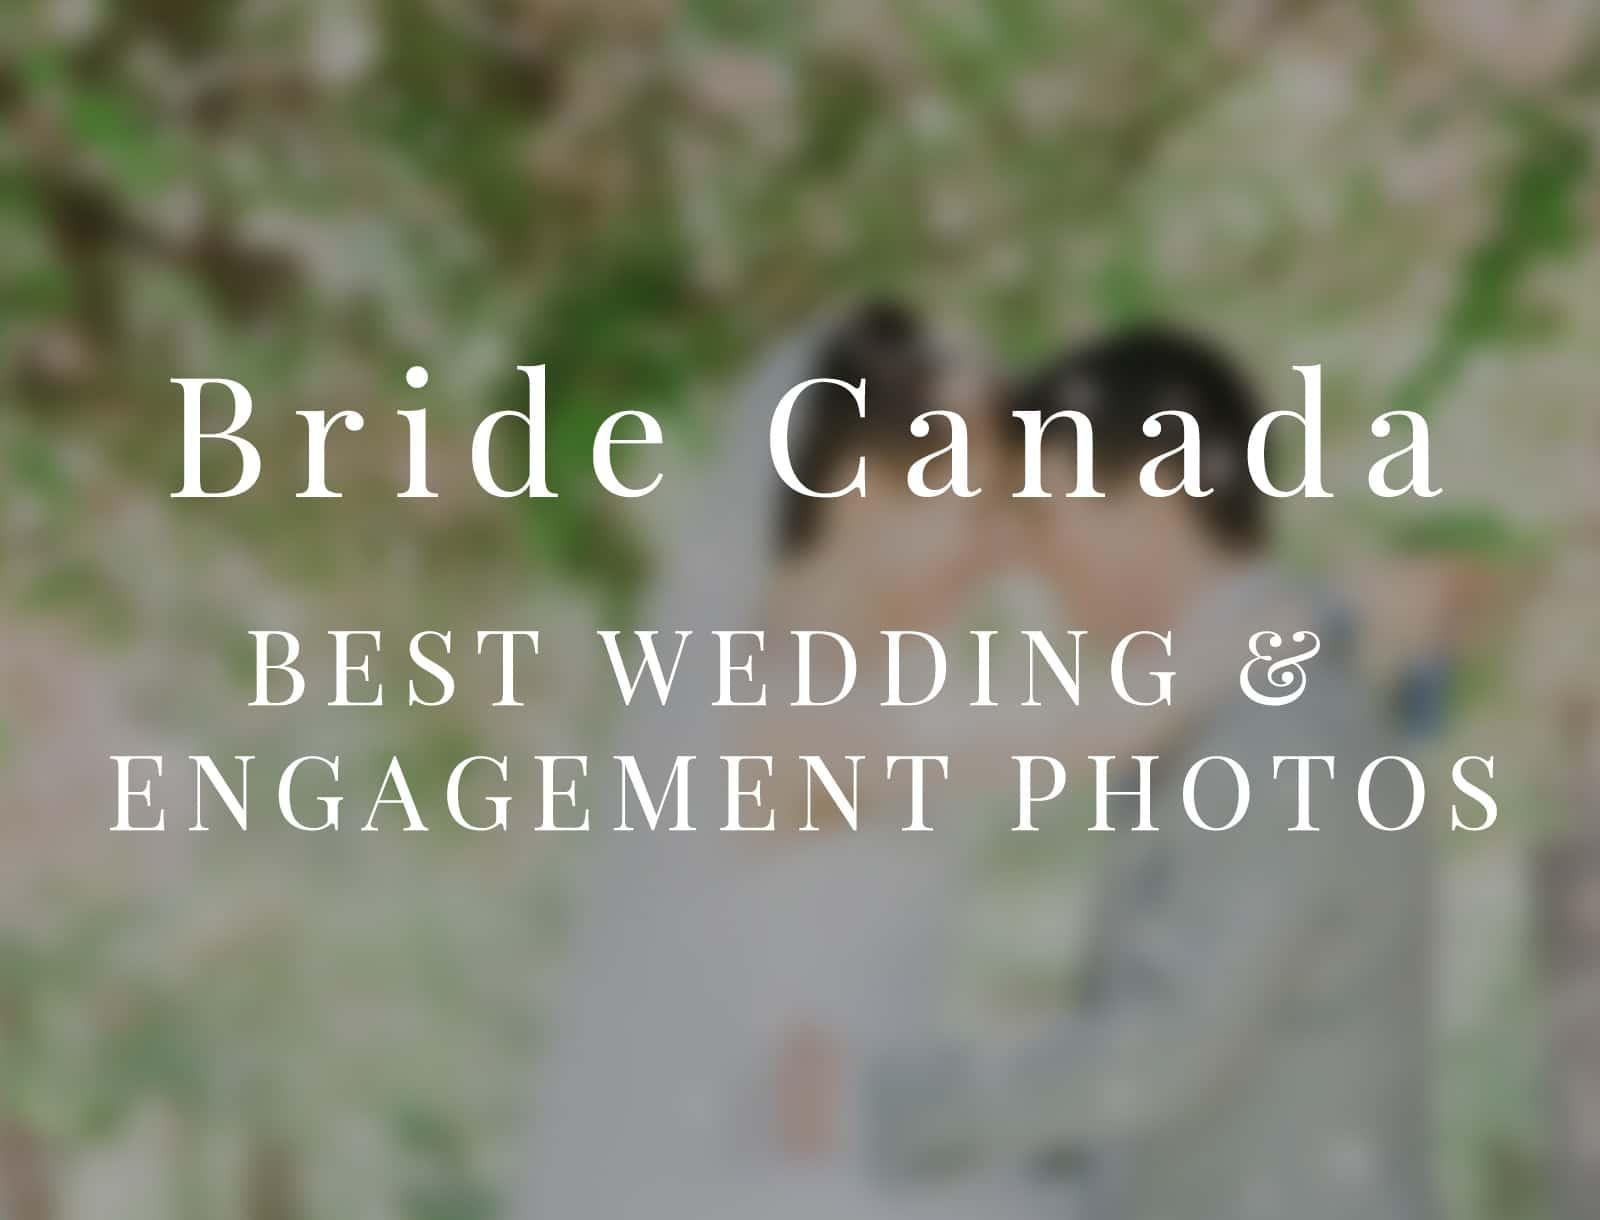 Bride Canada: Best Wedding & Engagement Photos 2015 Finalist